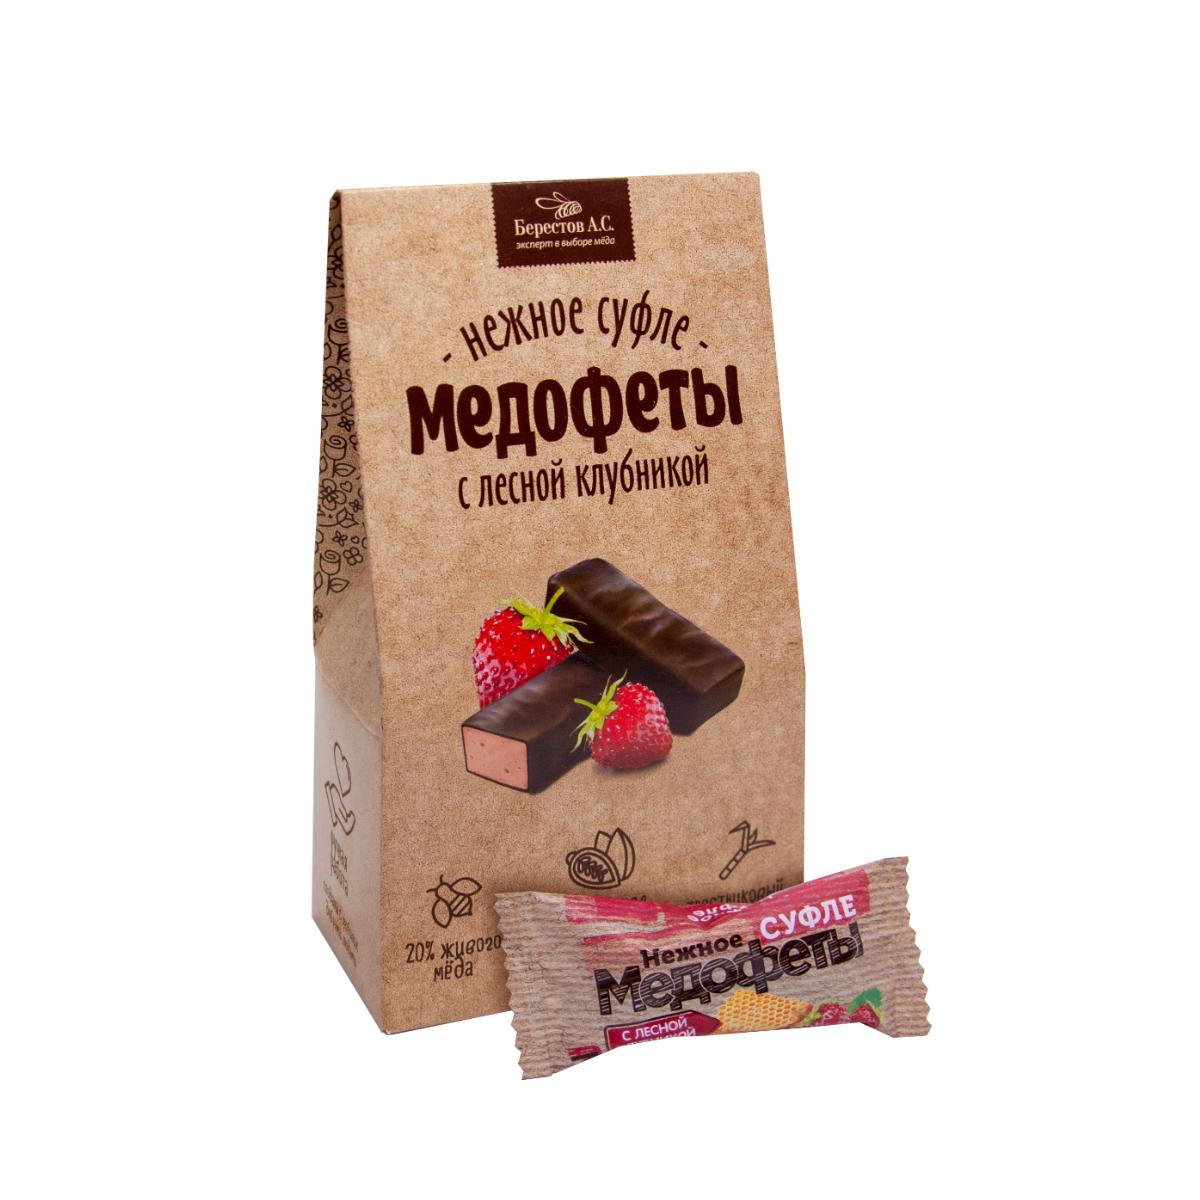 Медофеты Суфле с лесной клубникой в шоколадной глазури